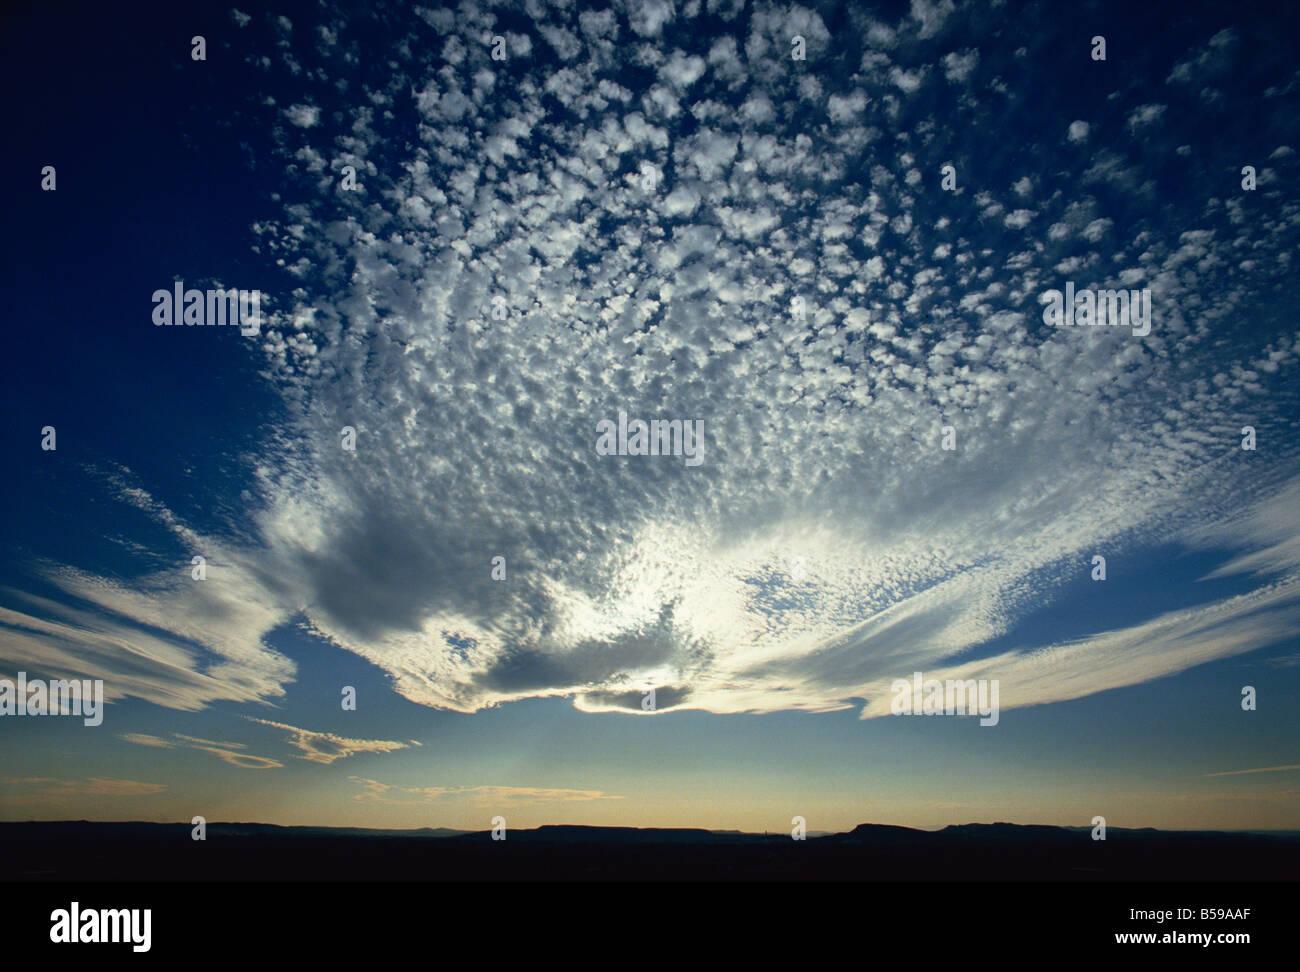 Hohe Wolke vor der Sonne in der Abenddämmerung, Provence, Frankreich Stockbild